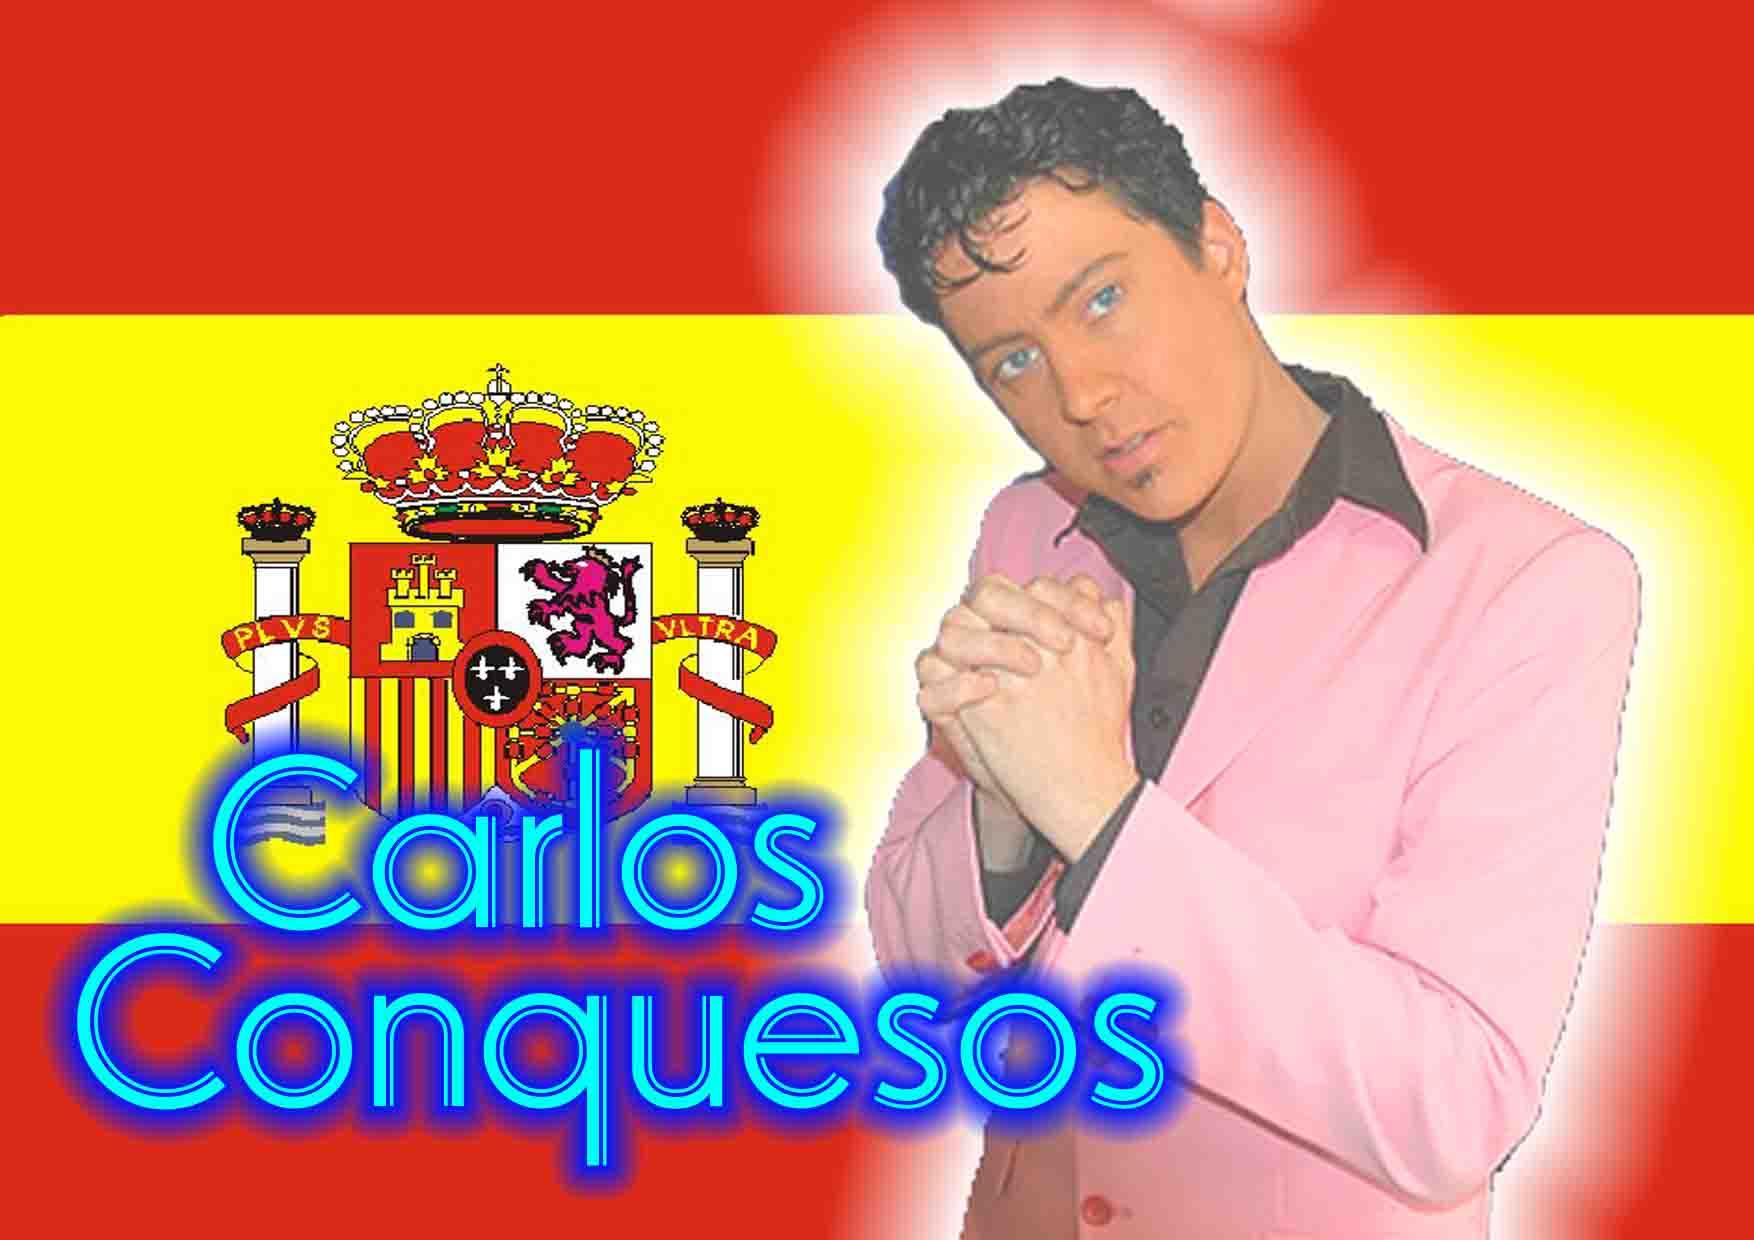 Carlos Conquesos